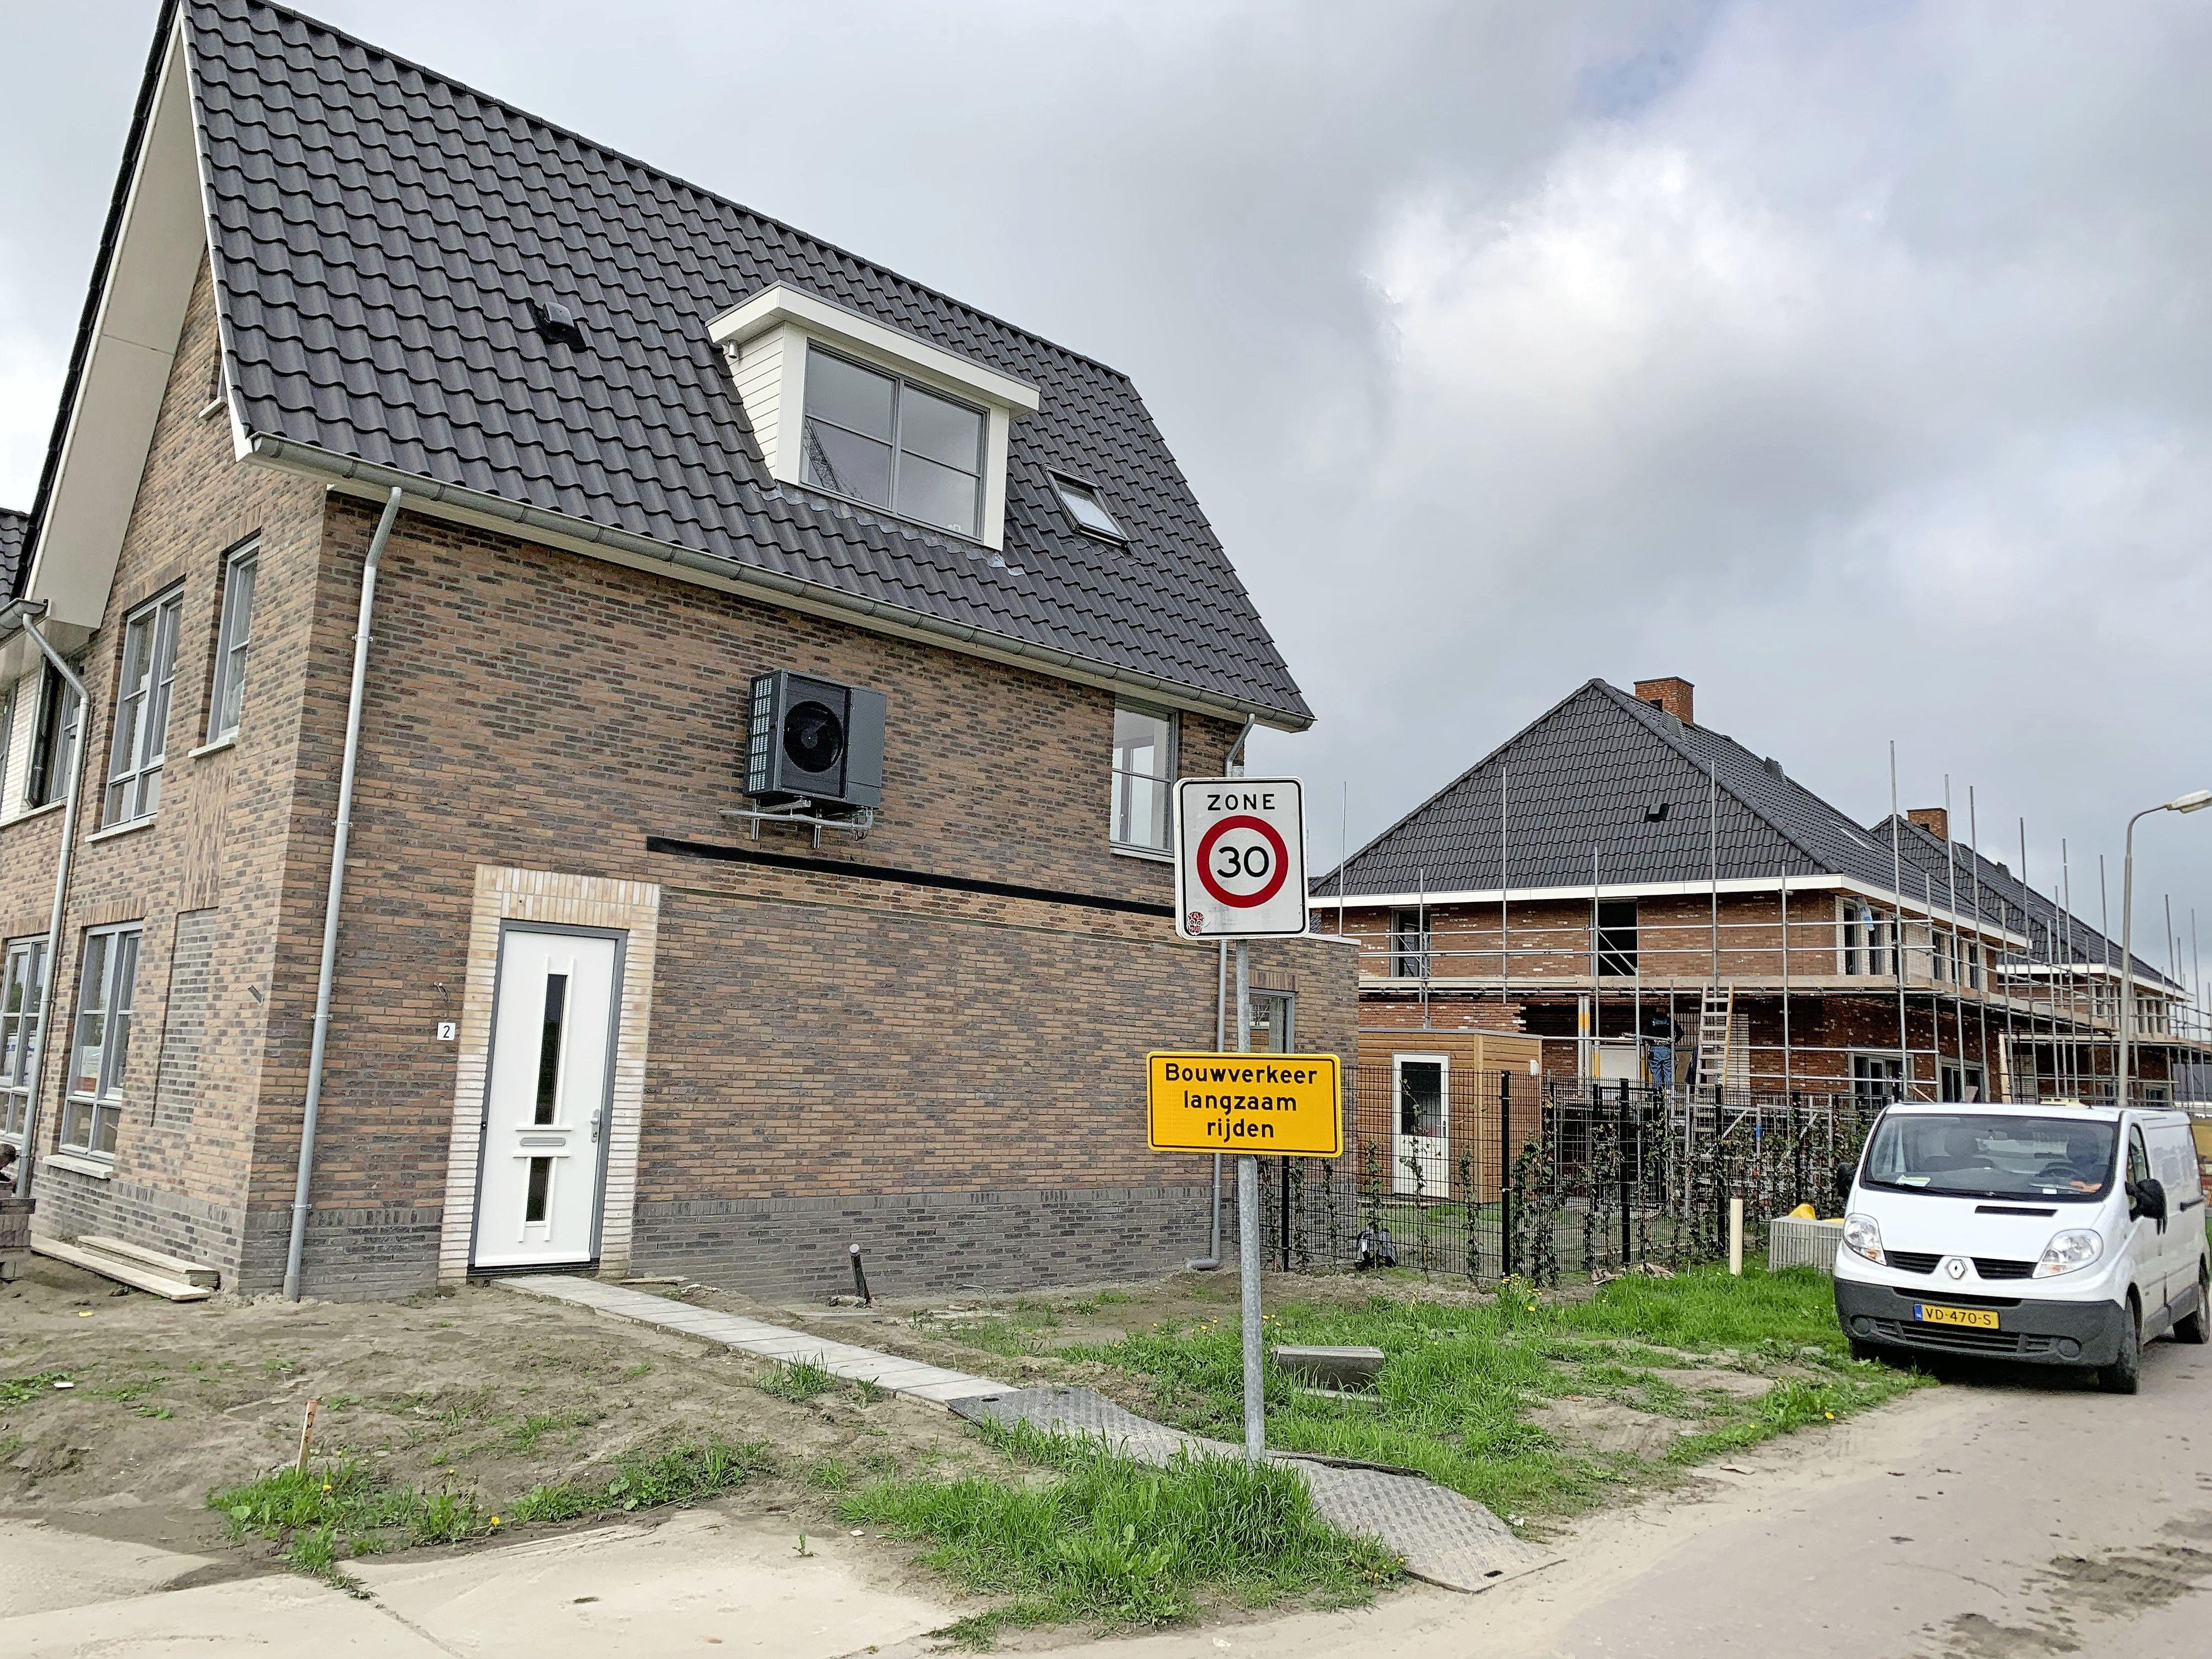 'Opmeer moet bouwgrond kopen en met voorrang aan eigen inwoners verkopen'. Dorpsraad wil rigoureuze oplossing woningkrapte